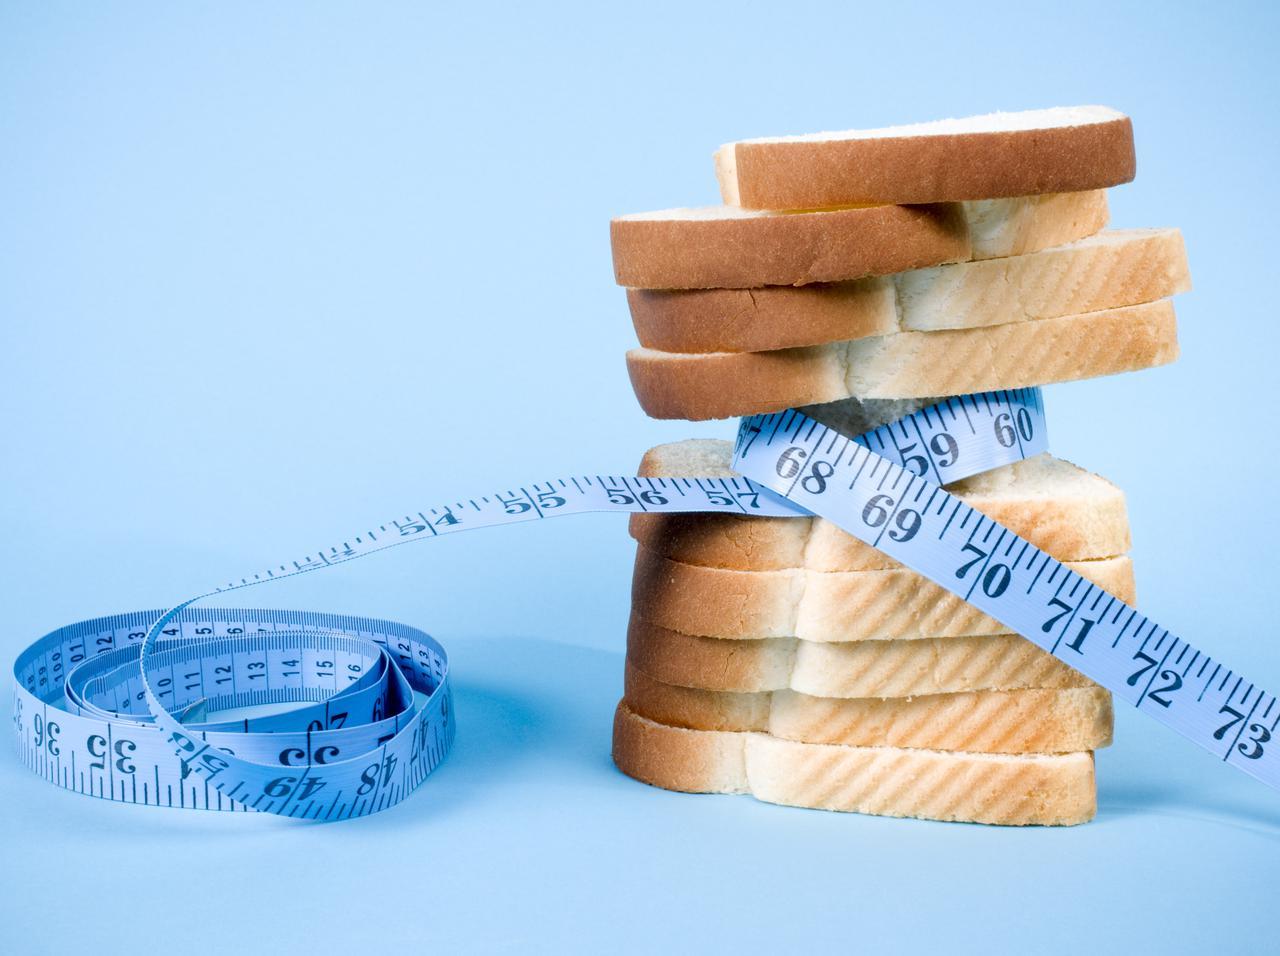 画像: 16:8ダイエット:毎日の食事時間を8時間以内に制限